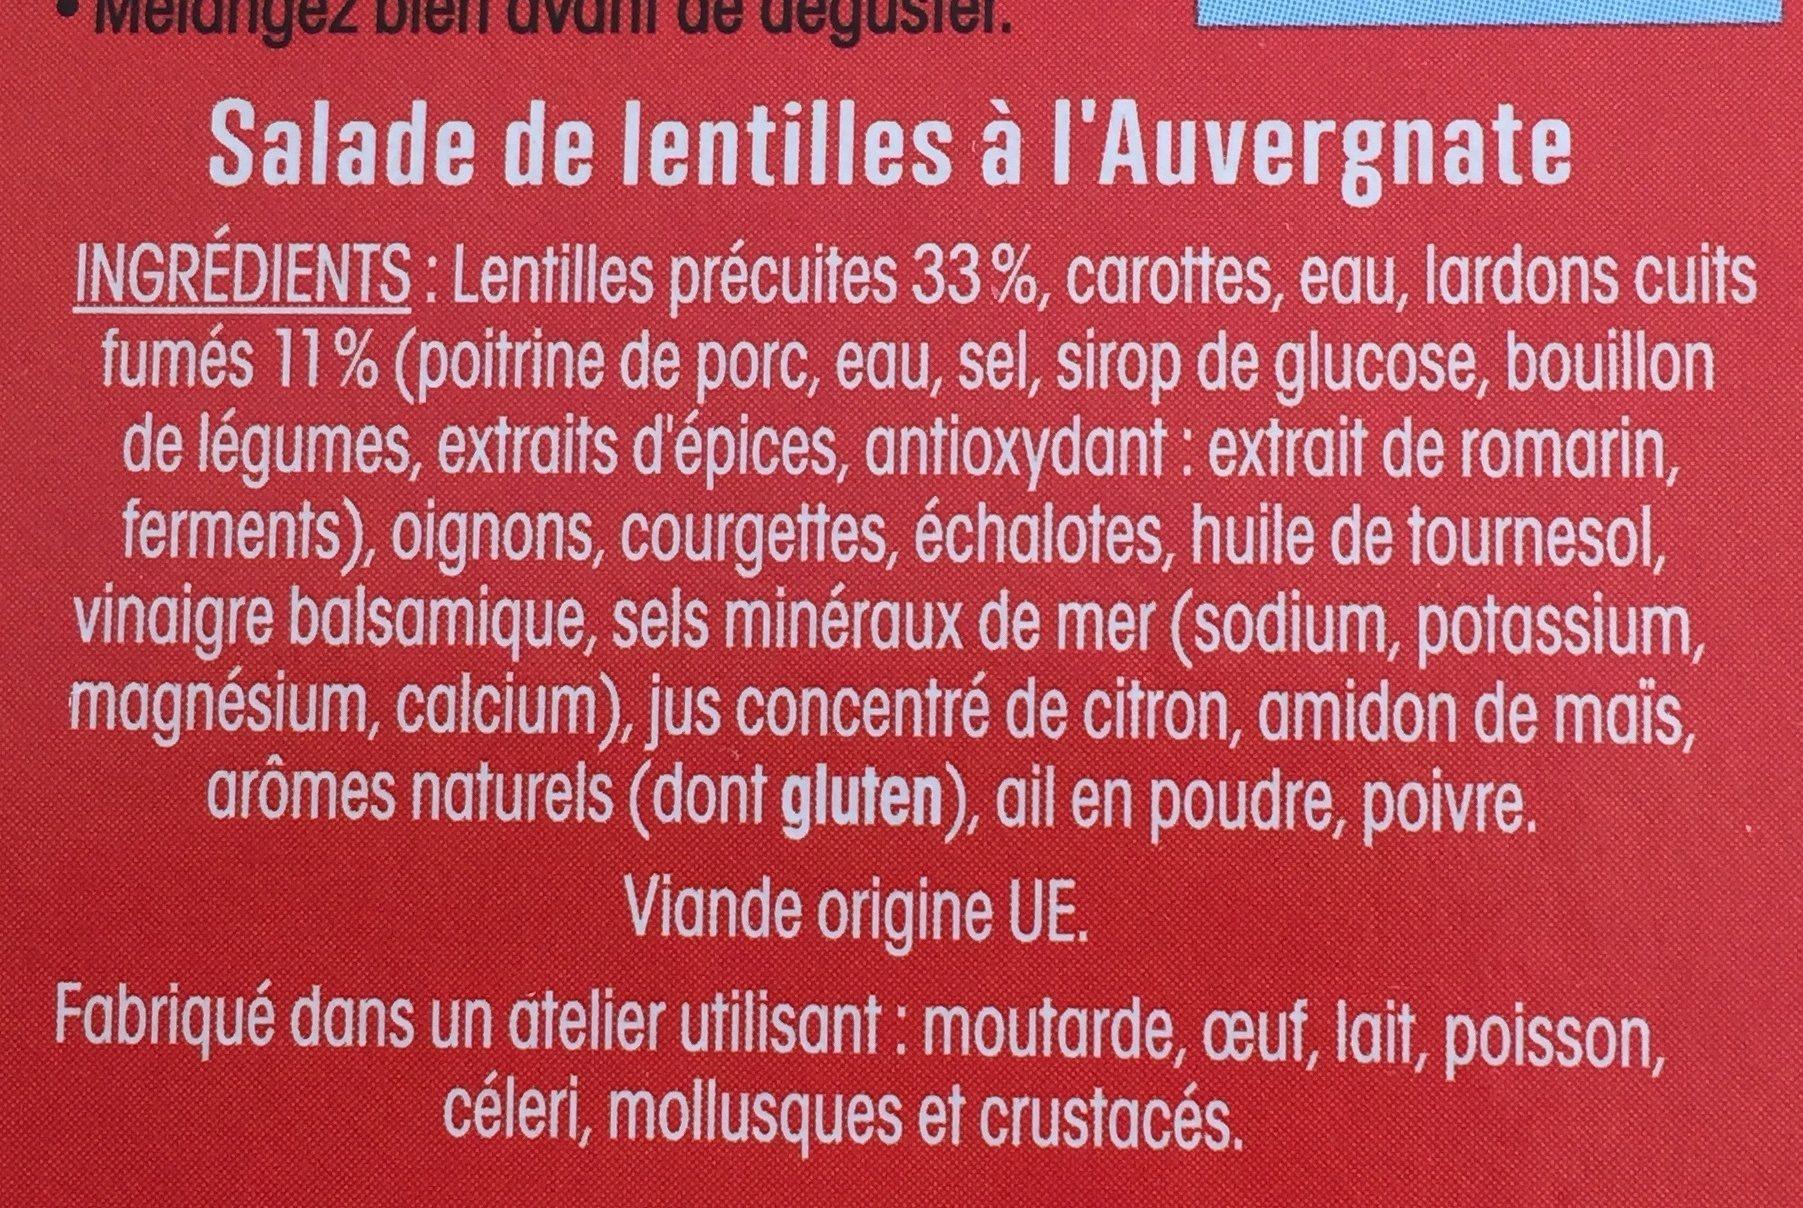 Ma Salade Repas AUVERGNATE - Ingredients - fr